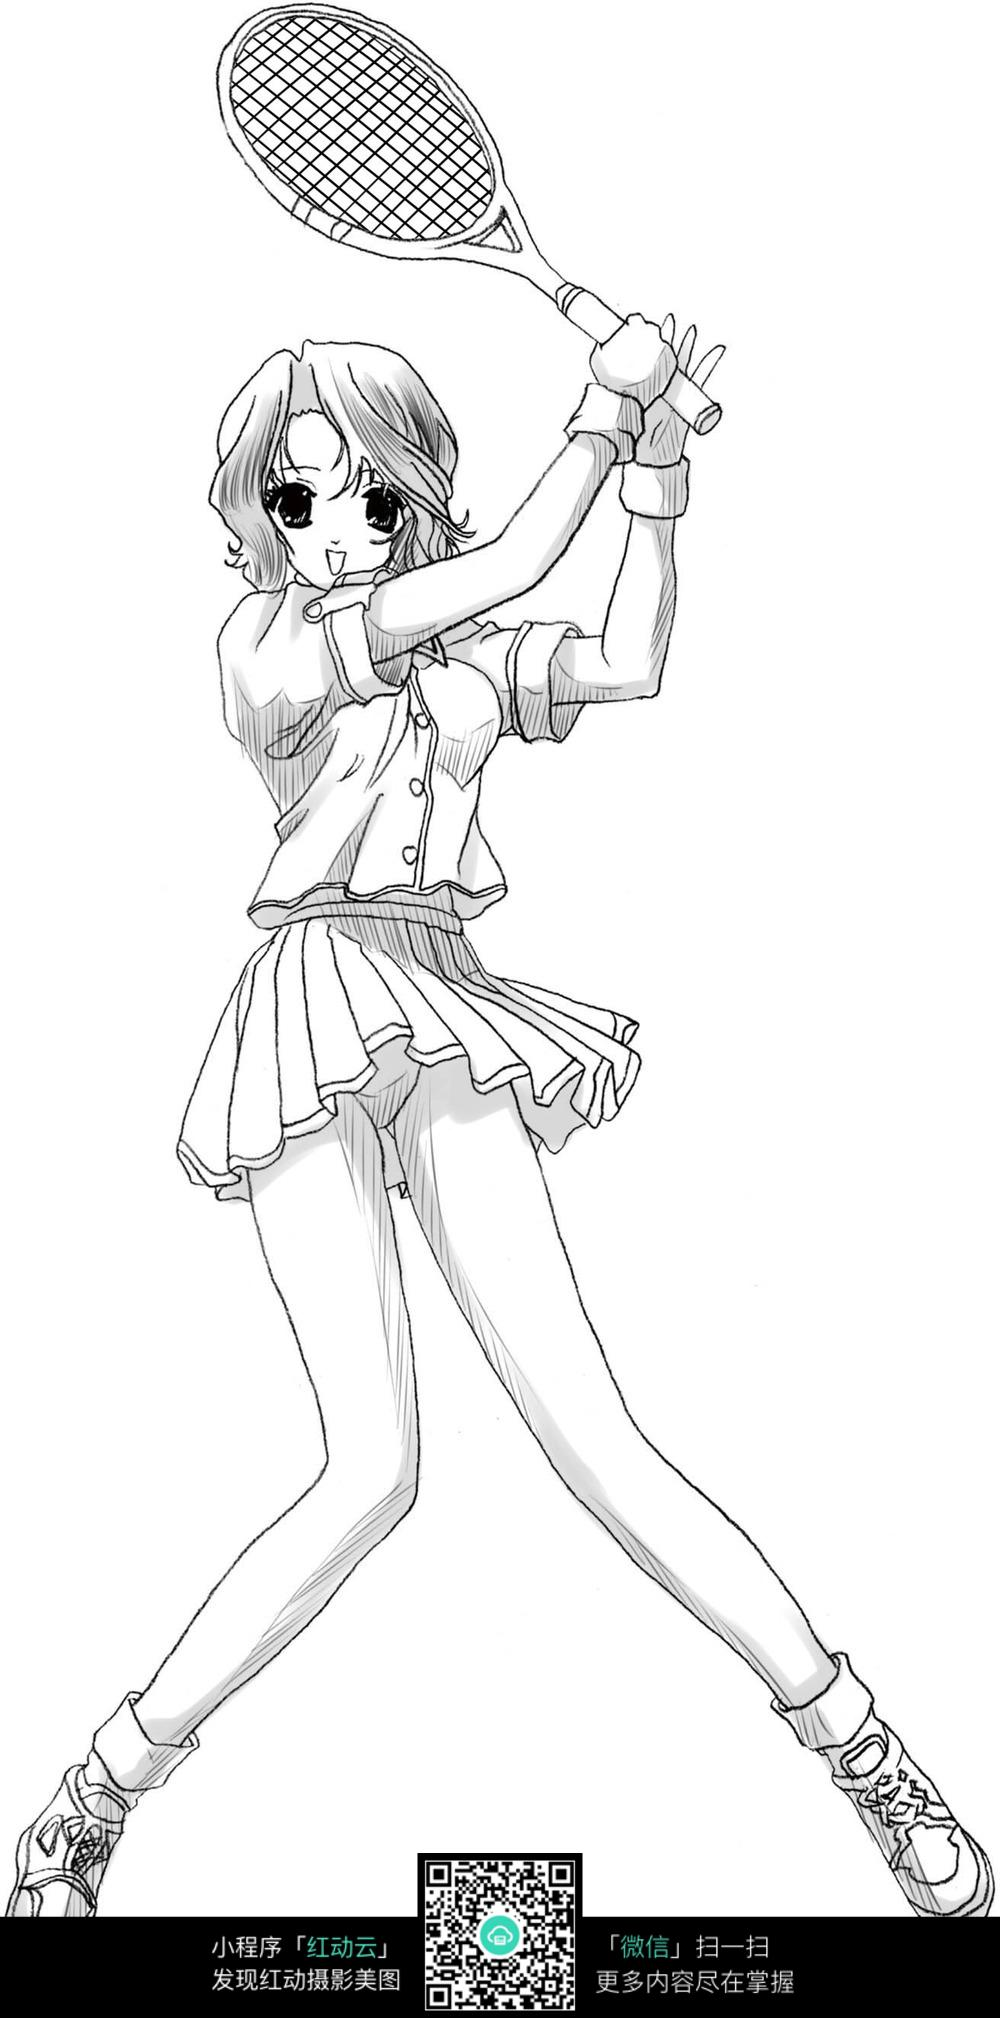 卡通女孩打网球_人物卡通图片